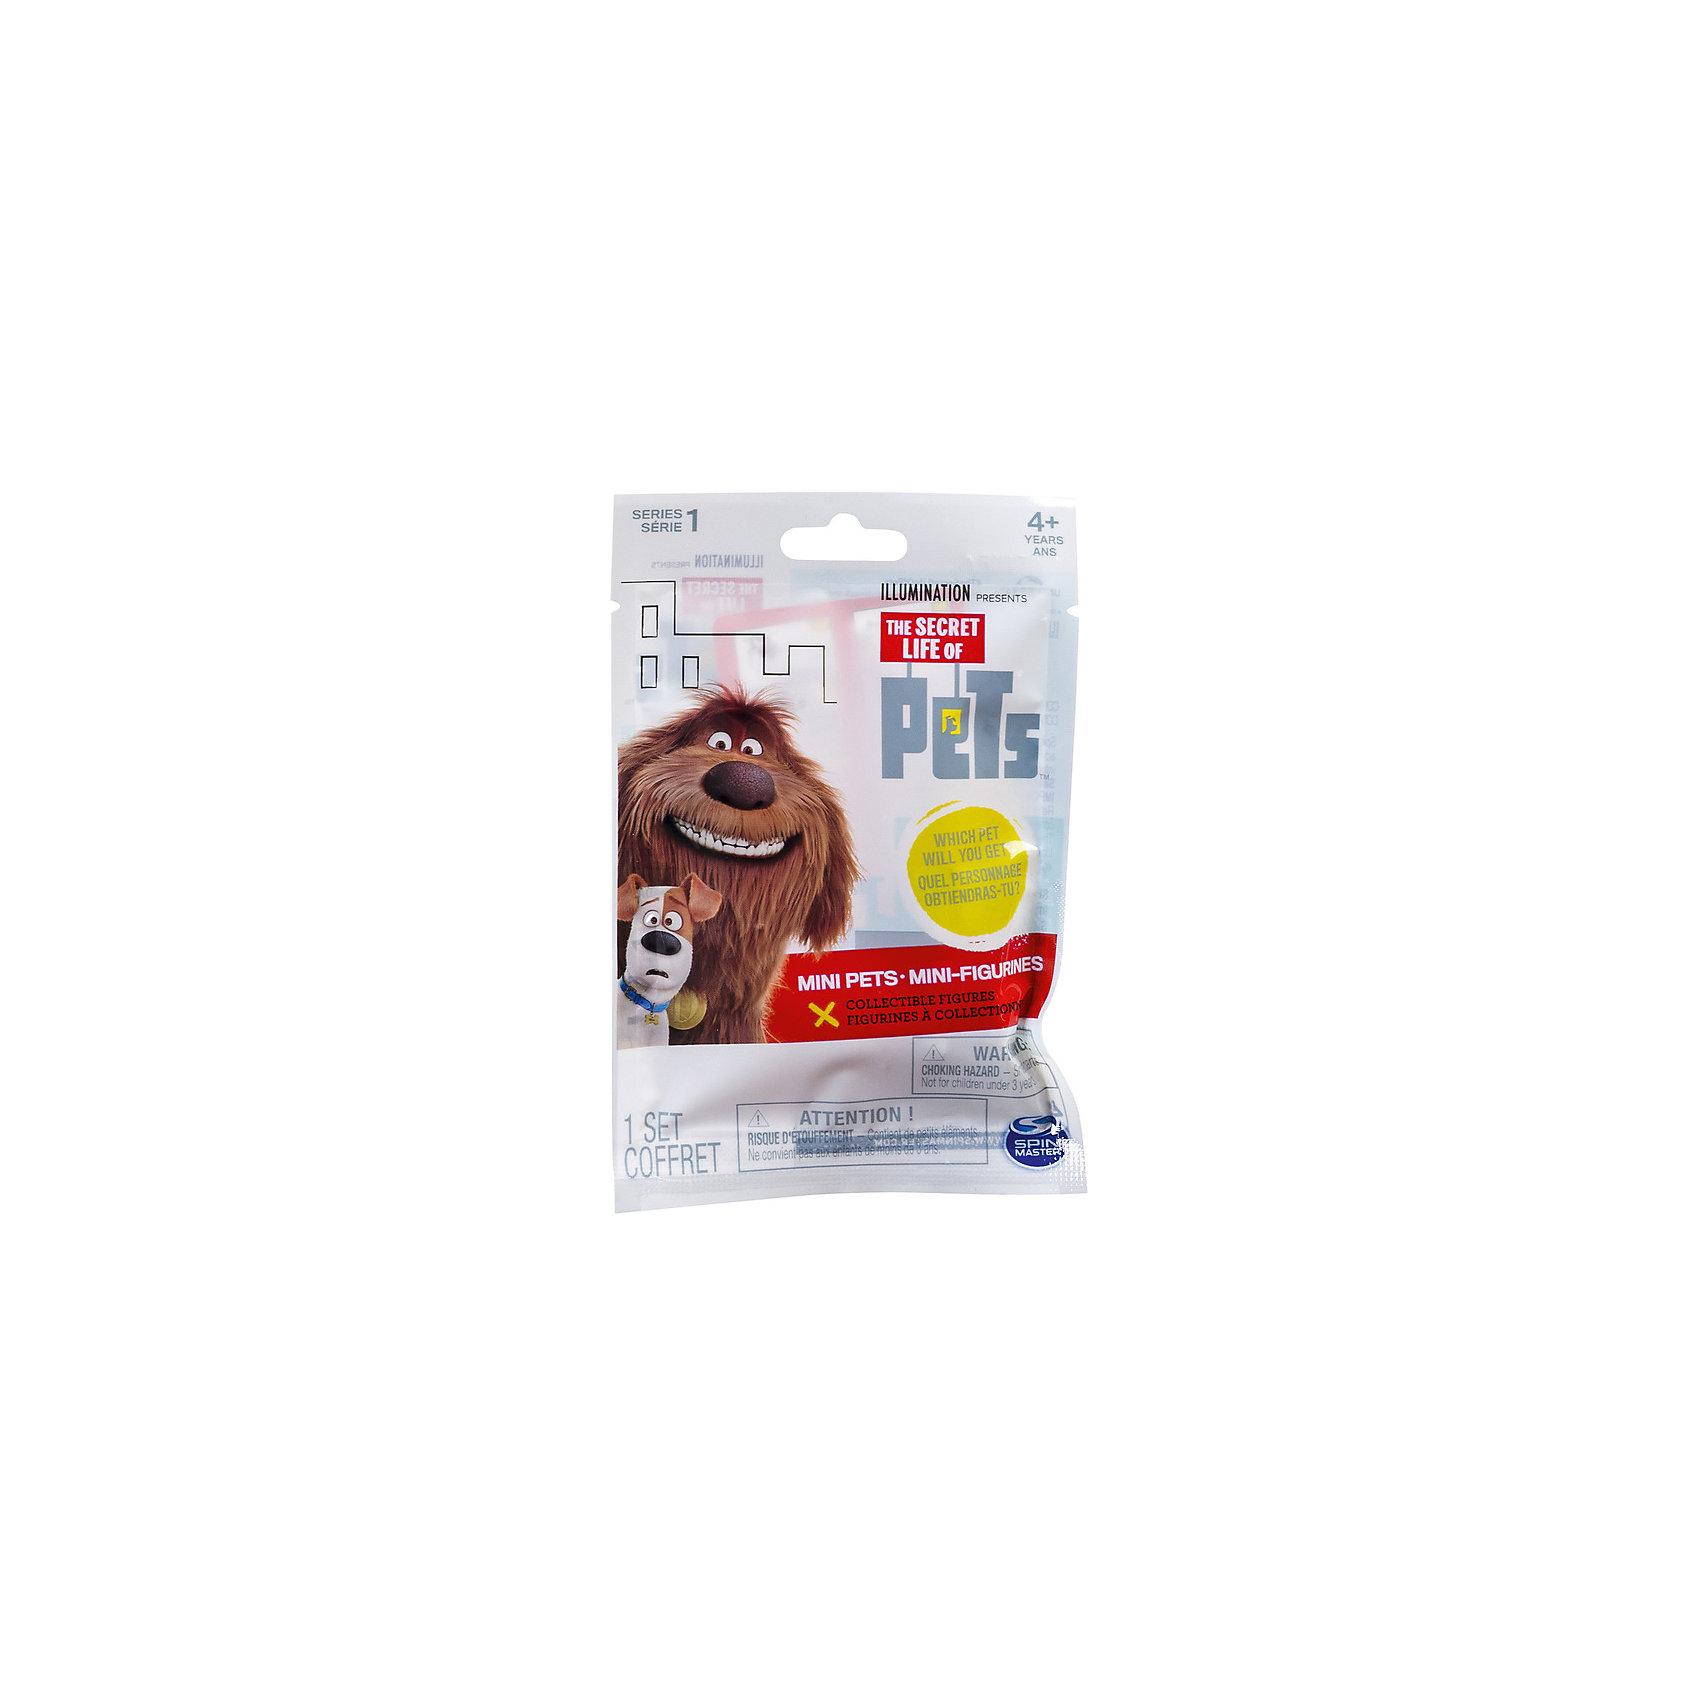 Мини-фигурка в закрытой упаковке, Тайная жизнь домашних животныхТайная жизнь домашних животных<br>Мини-фигурка в закрытой упаковке, Тайная жизнь домашних животных.<br><br>Характеристики:<br><br>- В наборе: 1 мини-фигурка<br>- Материал: пластик<br>- Размер: от 3 до 5 см.<br><br>В мягком пакете с прозрачным окошком Вы найдете пластиковую фигурку одного из героев мультфильма «Тайная жизнь домашних животных», размером от 3 до 5 см. В пакетике находится одна мини-фигурка, и только заглянув внутрь можно узнать, кто именно там спрятался! Игрушка с точностью повторяет внешний вид анимационного героя, у фигурки весьма забавные, характерные для персонажа поза и выражение мордашки. Фигурка изготовлена из высококачественного приятного на ощупь пластика, детально проработана, очень аккуратно окрашена, не имеет подвижных частей. С фигуркой можно придумывать разнообразные сюжеты и истории, либо использовать в качестве декорирования комнаты, начав собирать полную коллекцию героев мультфильма. Всего имеется 12 различных фигурок, отдельные персонажи, например, Макс и Снежок, представлены в нескольких вариантах.<br><br>Мини-фигурку в закрытой упаковке, Тайная жизнь домашних животных можно купить в нашем интернет-магазине.<br><br>Ширина мм: 95<br>Глубина мм: 145<br>Высота мм: 20<br>Вес г: 25<br>Возраст от месяцев: 36<br>Возраст до месяцев: 144<br>Пол: Унисекс<br>Возраст: Детский<br>SKU: 4905836